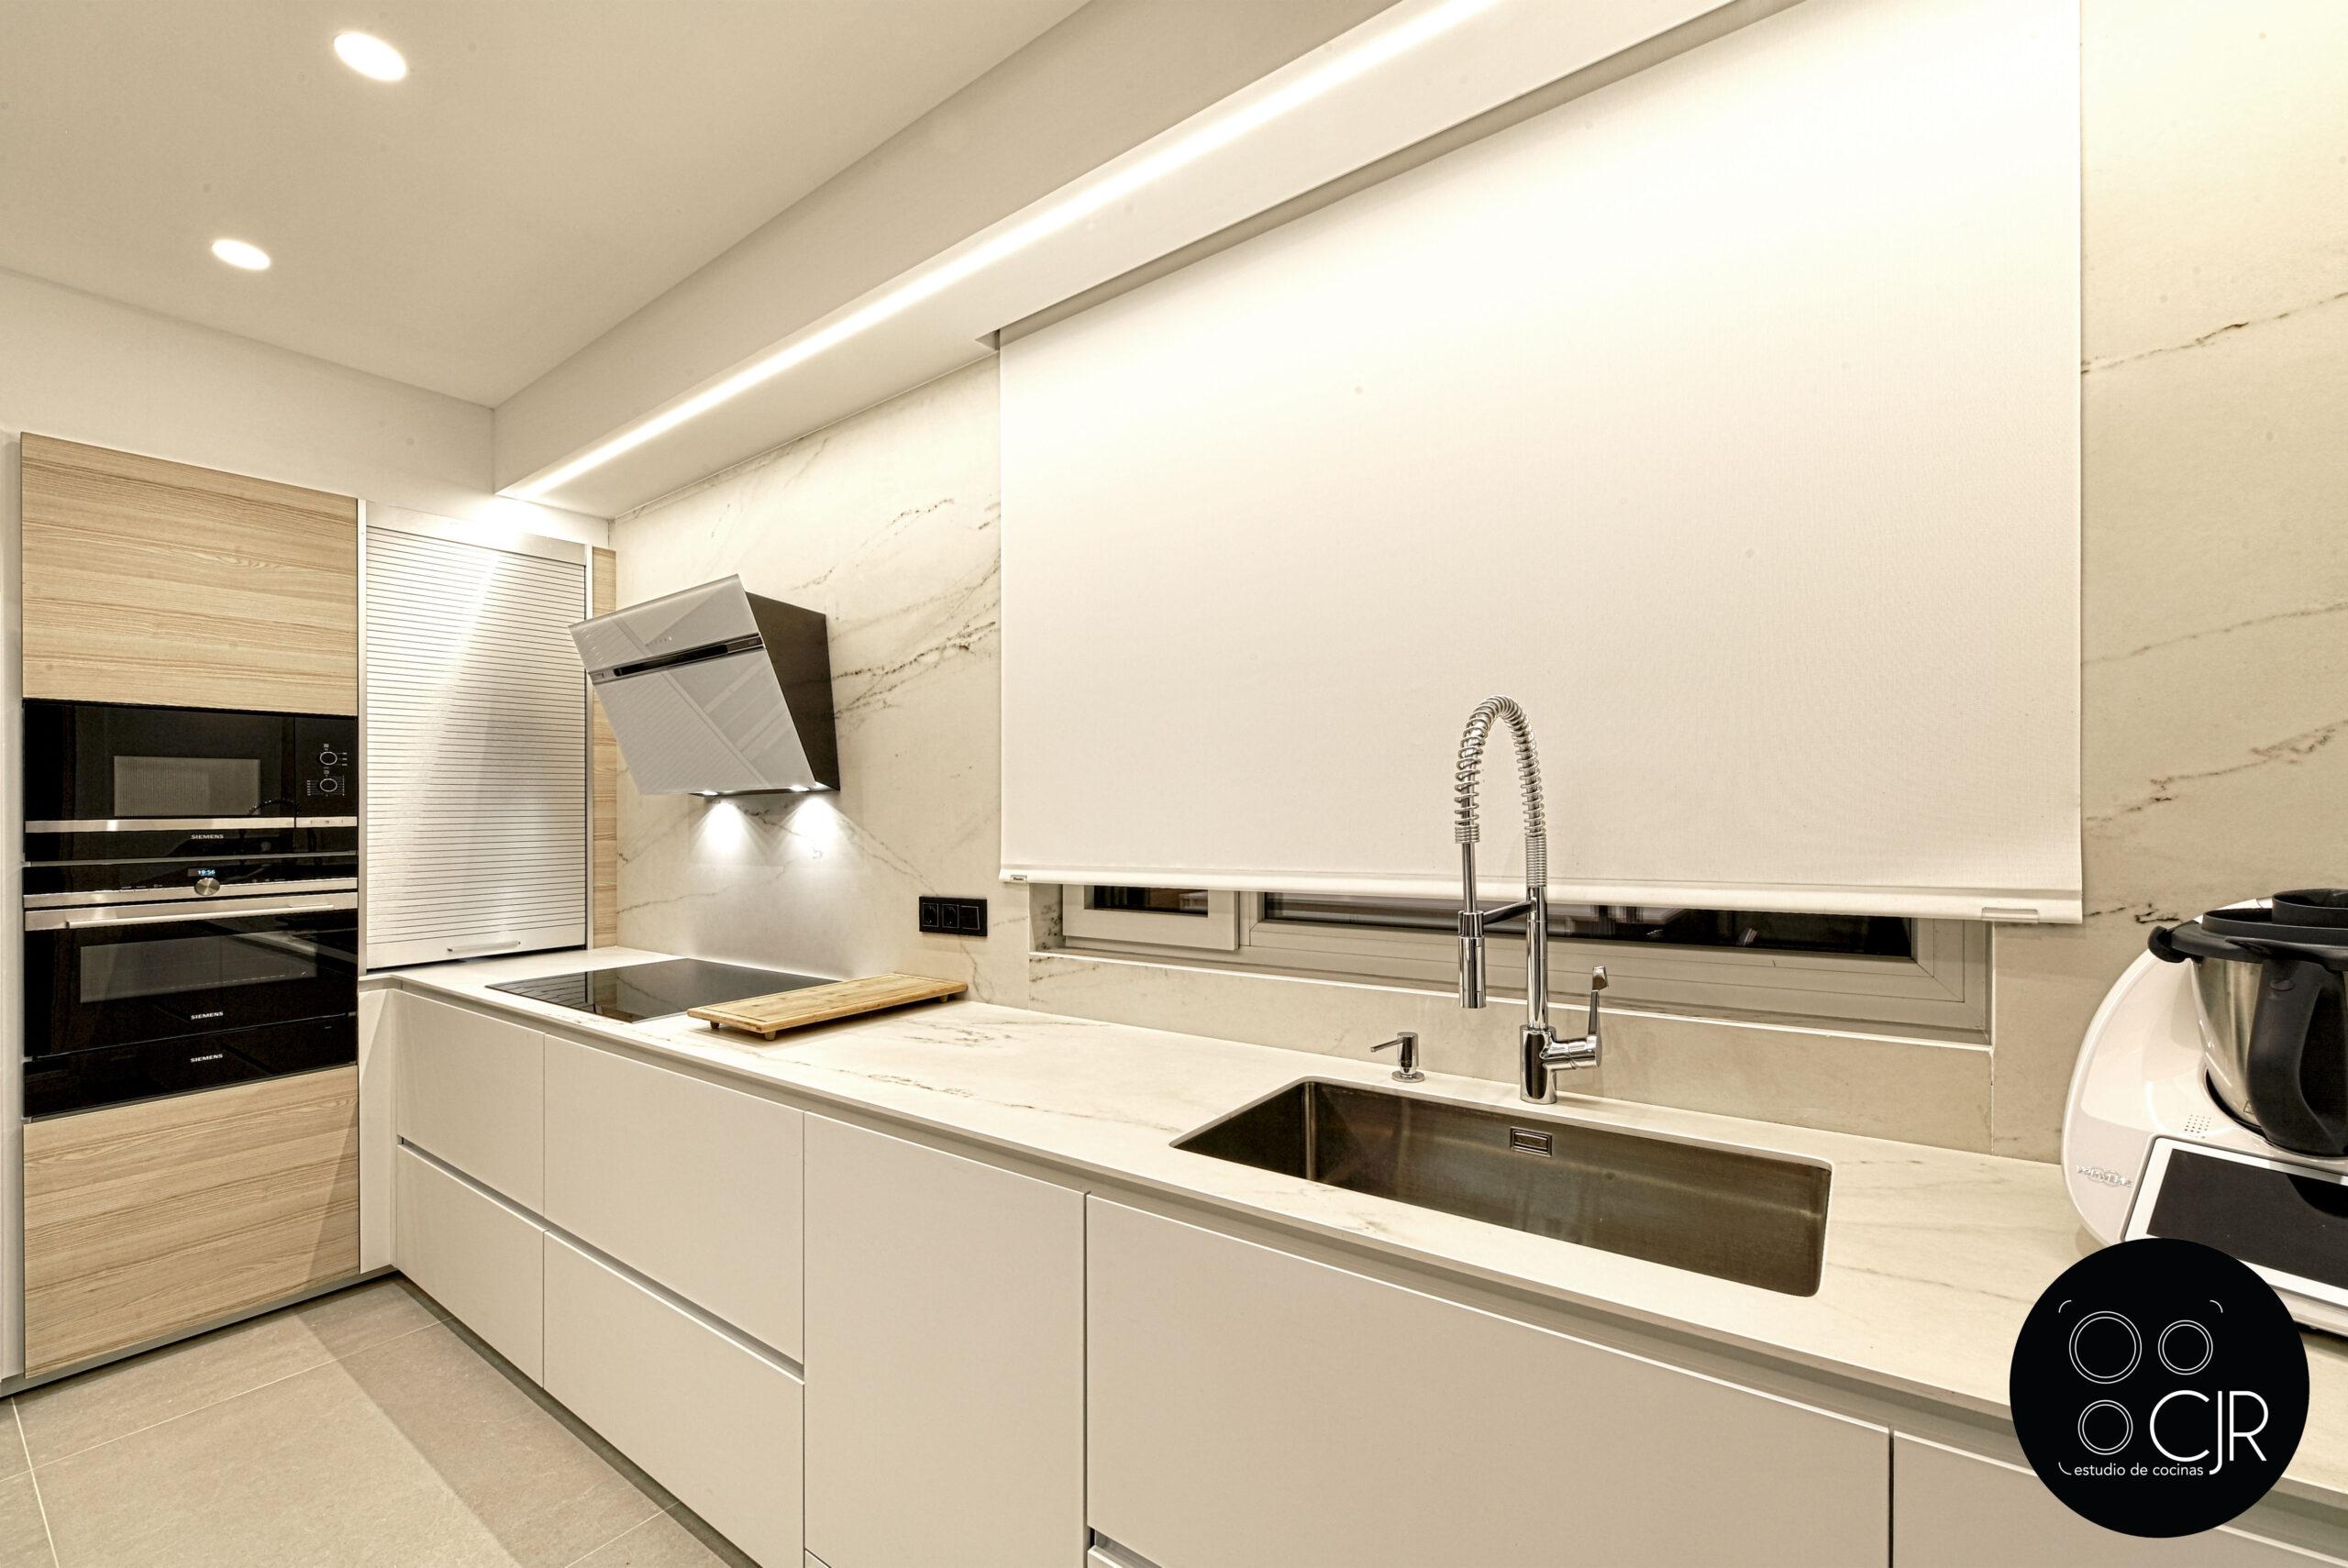 Encimera en dekton rem en la Cocina con isla blanca y madera